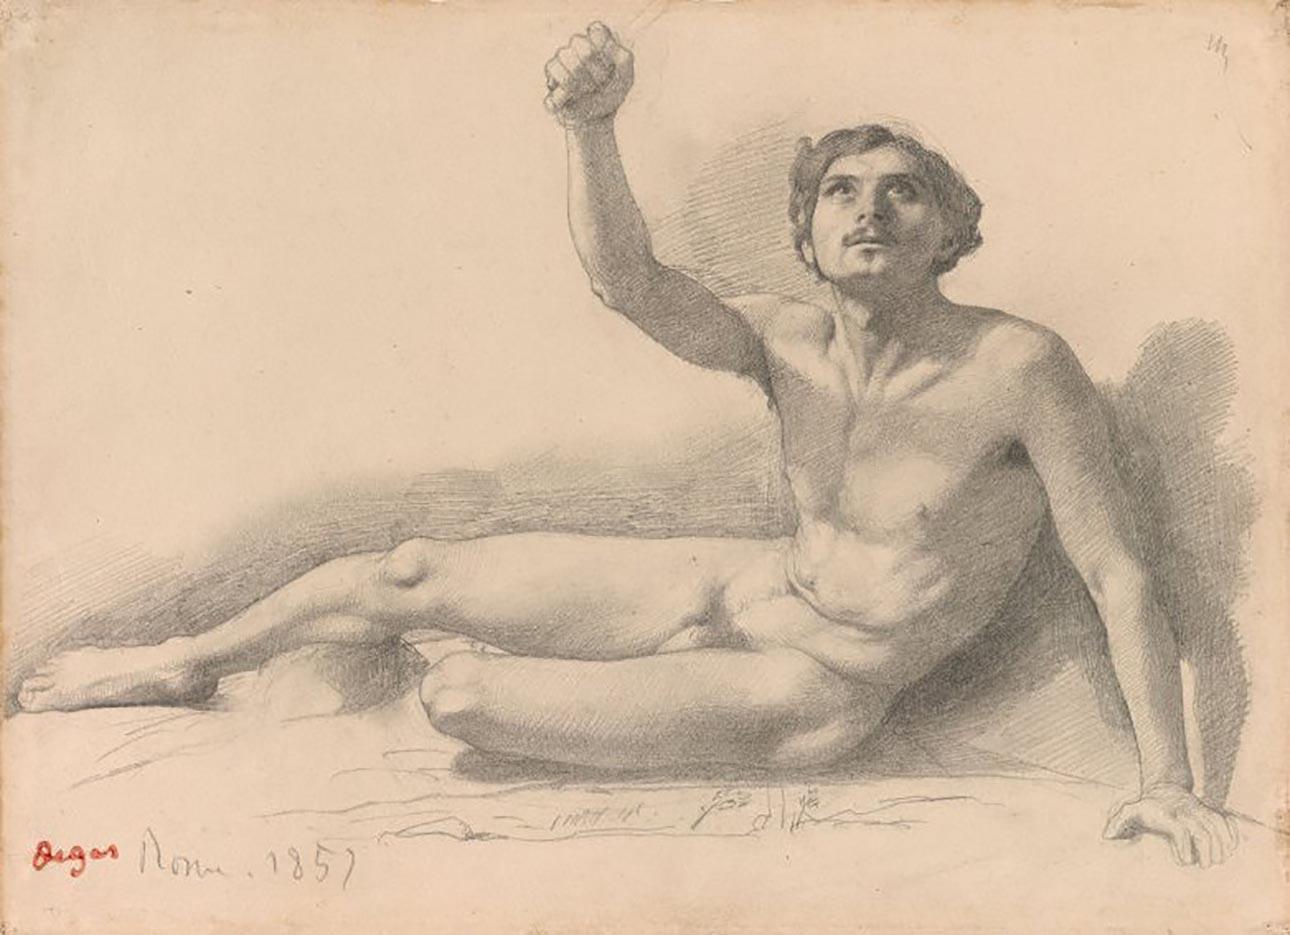 Художница рисует голого мужика, Дочь художница рисует с натуры папин член, сосёт его 21 фотография